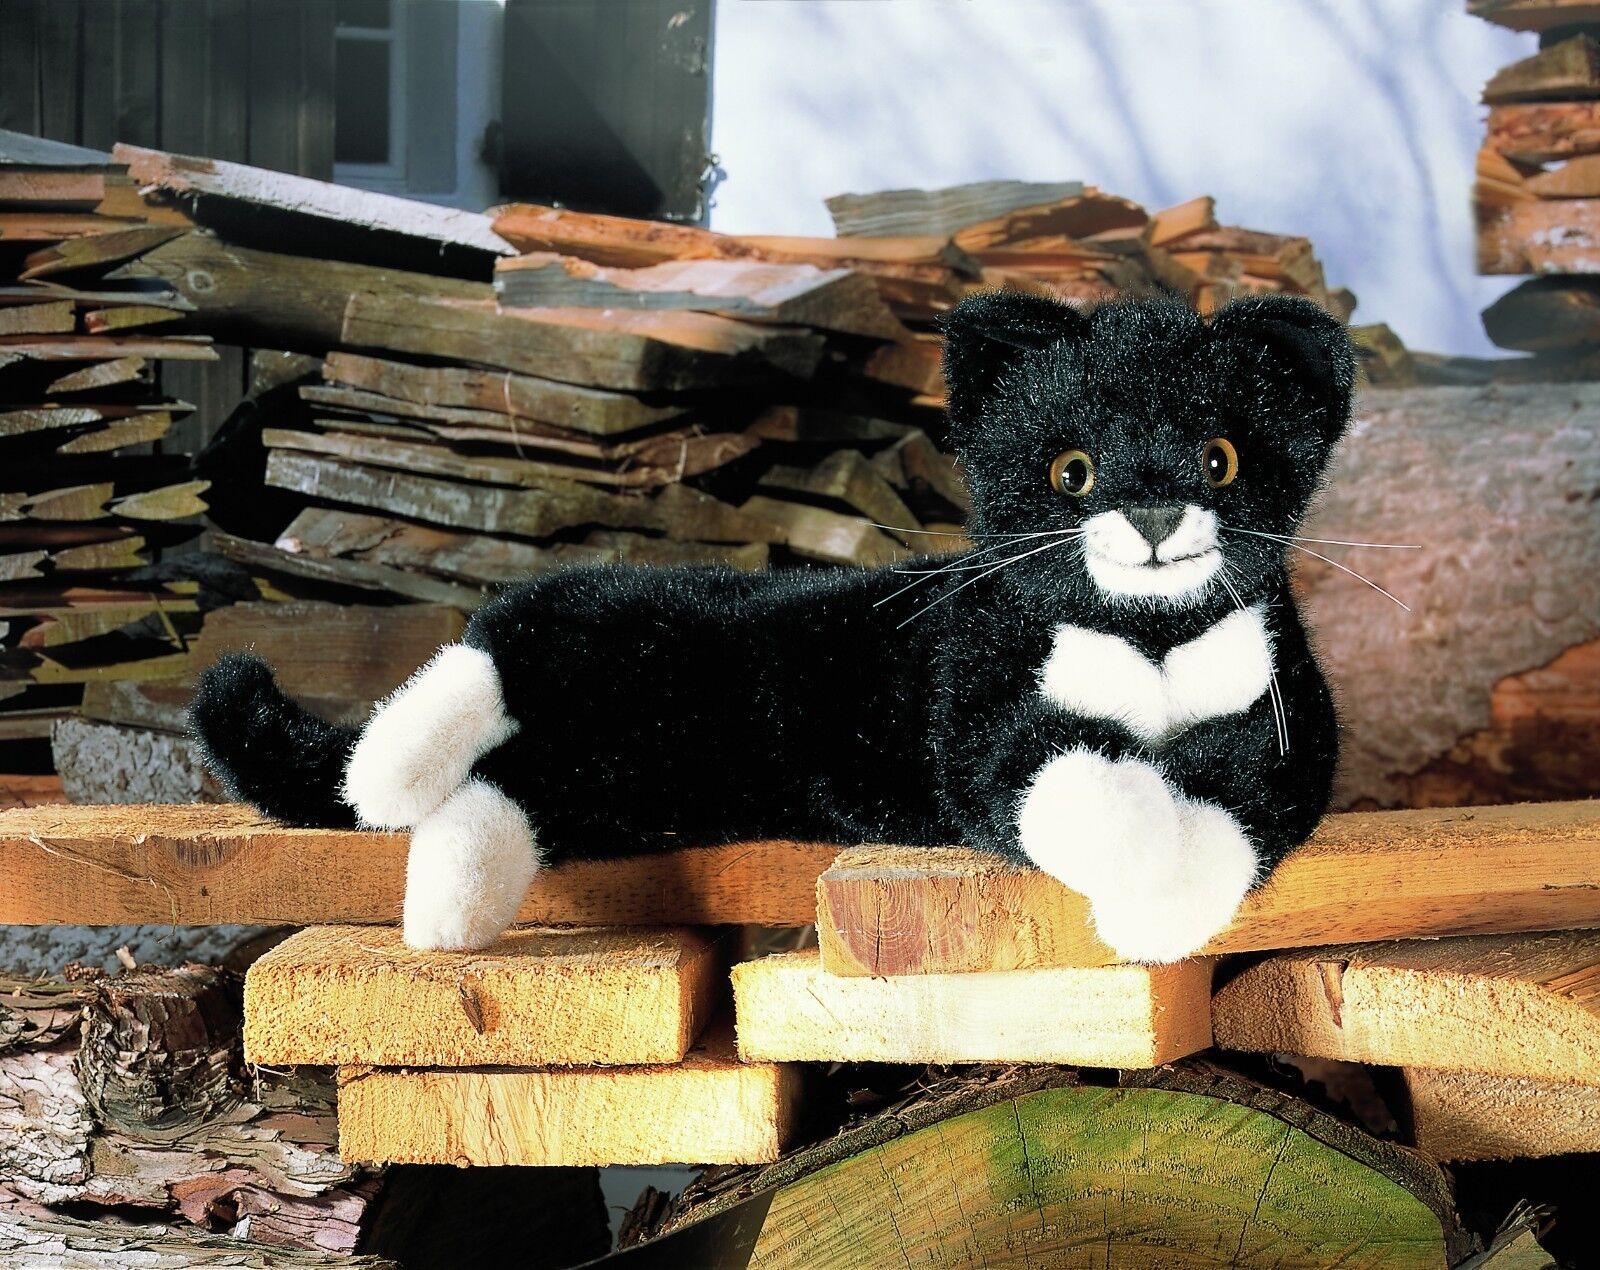 Schwarz & Weiß Cat Exquisit Sammel- Kuscheltier - Kosen   Kösen - 5470